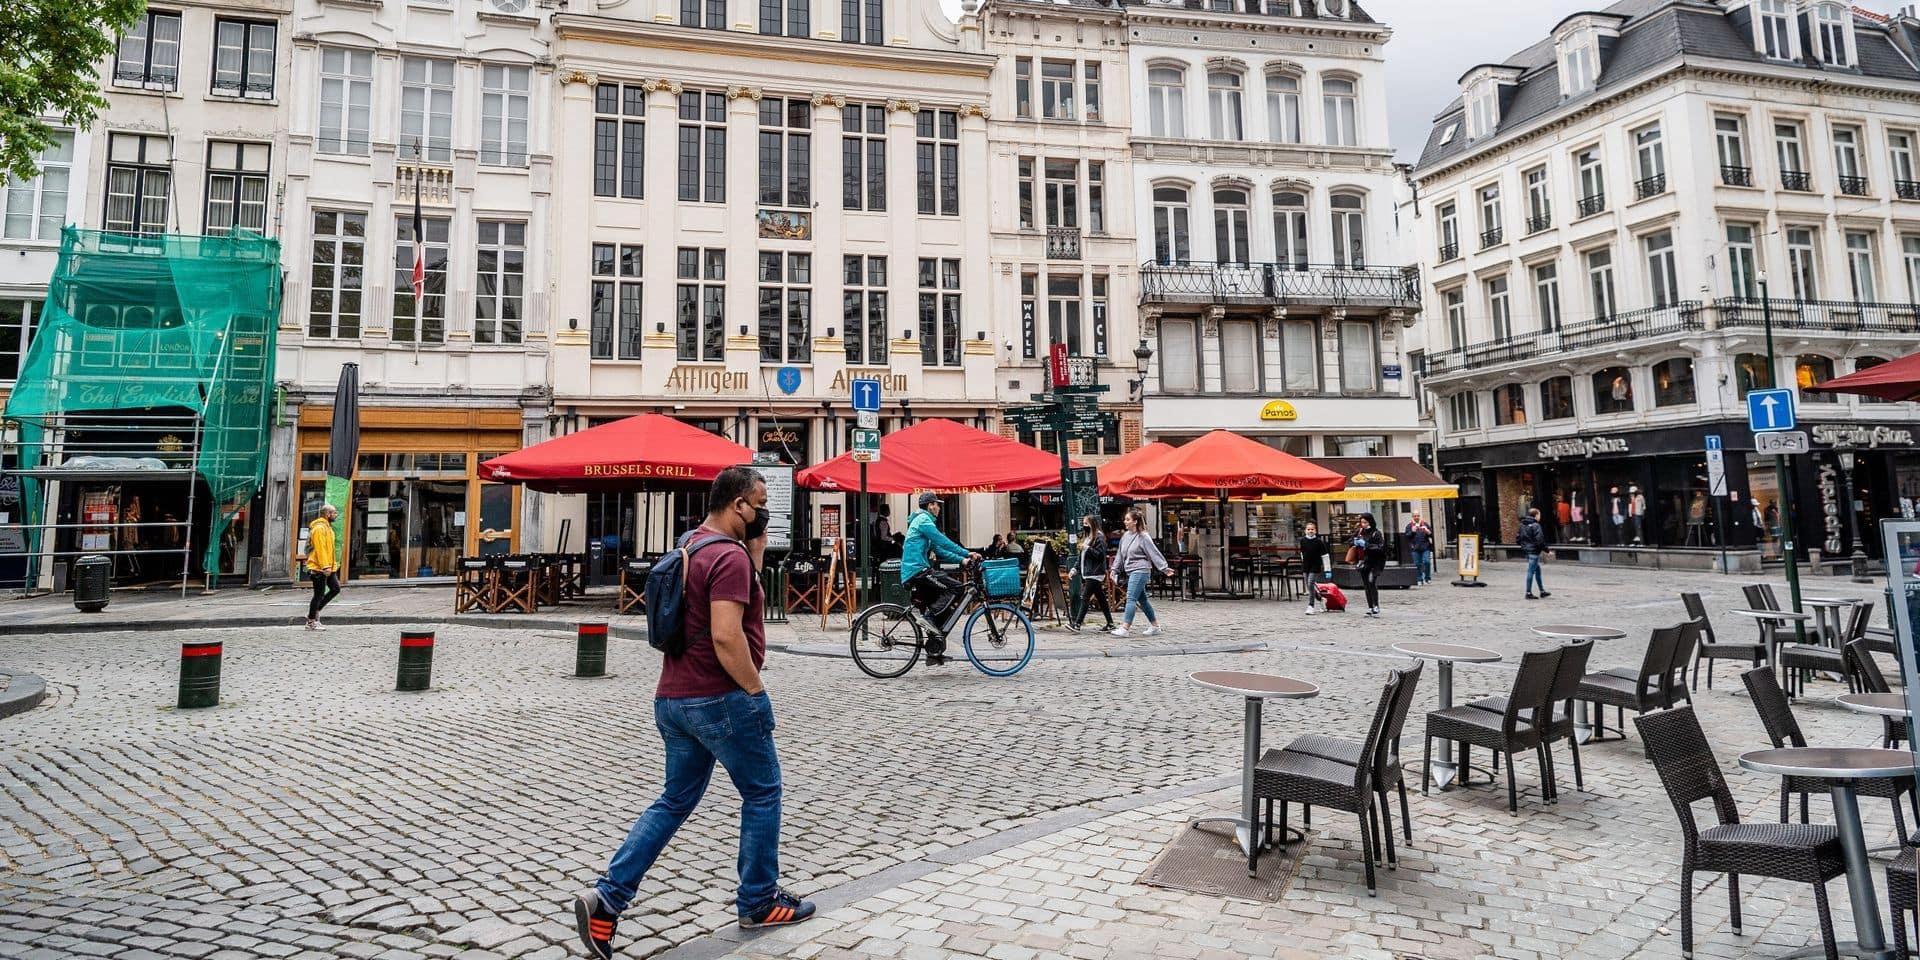 La crise du coronavirus a eu un impact sur la santé mentale: 8% des Belges majeurs ont pensé mettre fin à leur vie